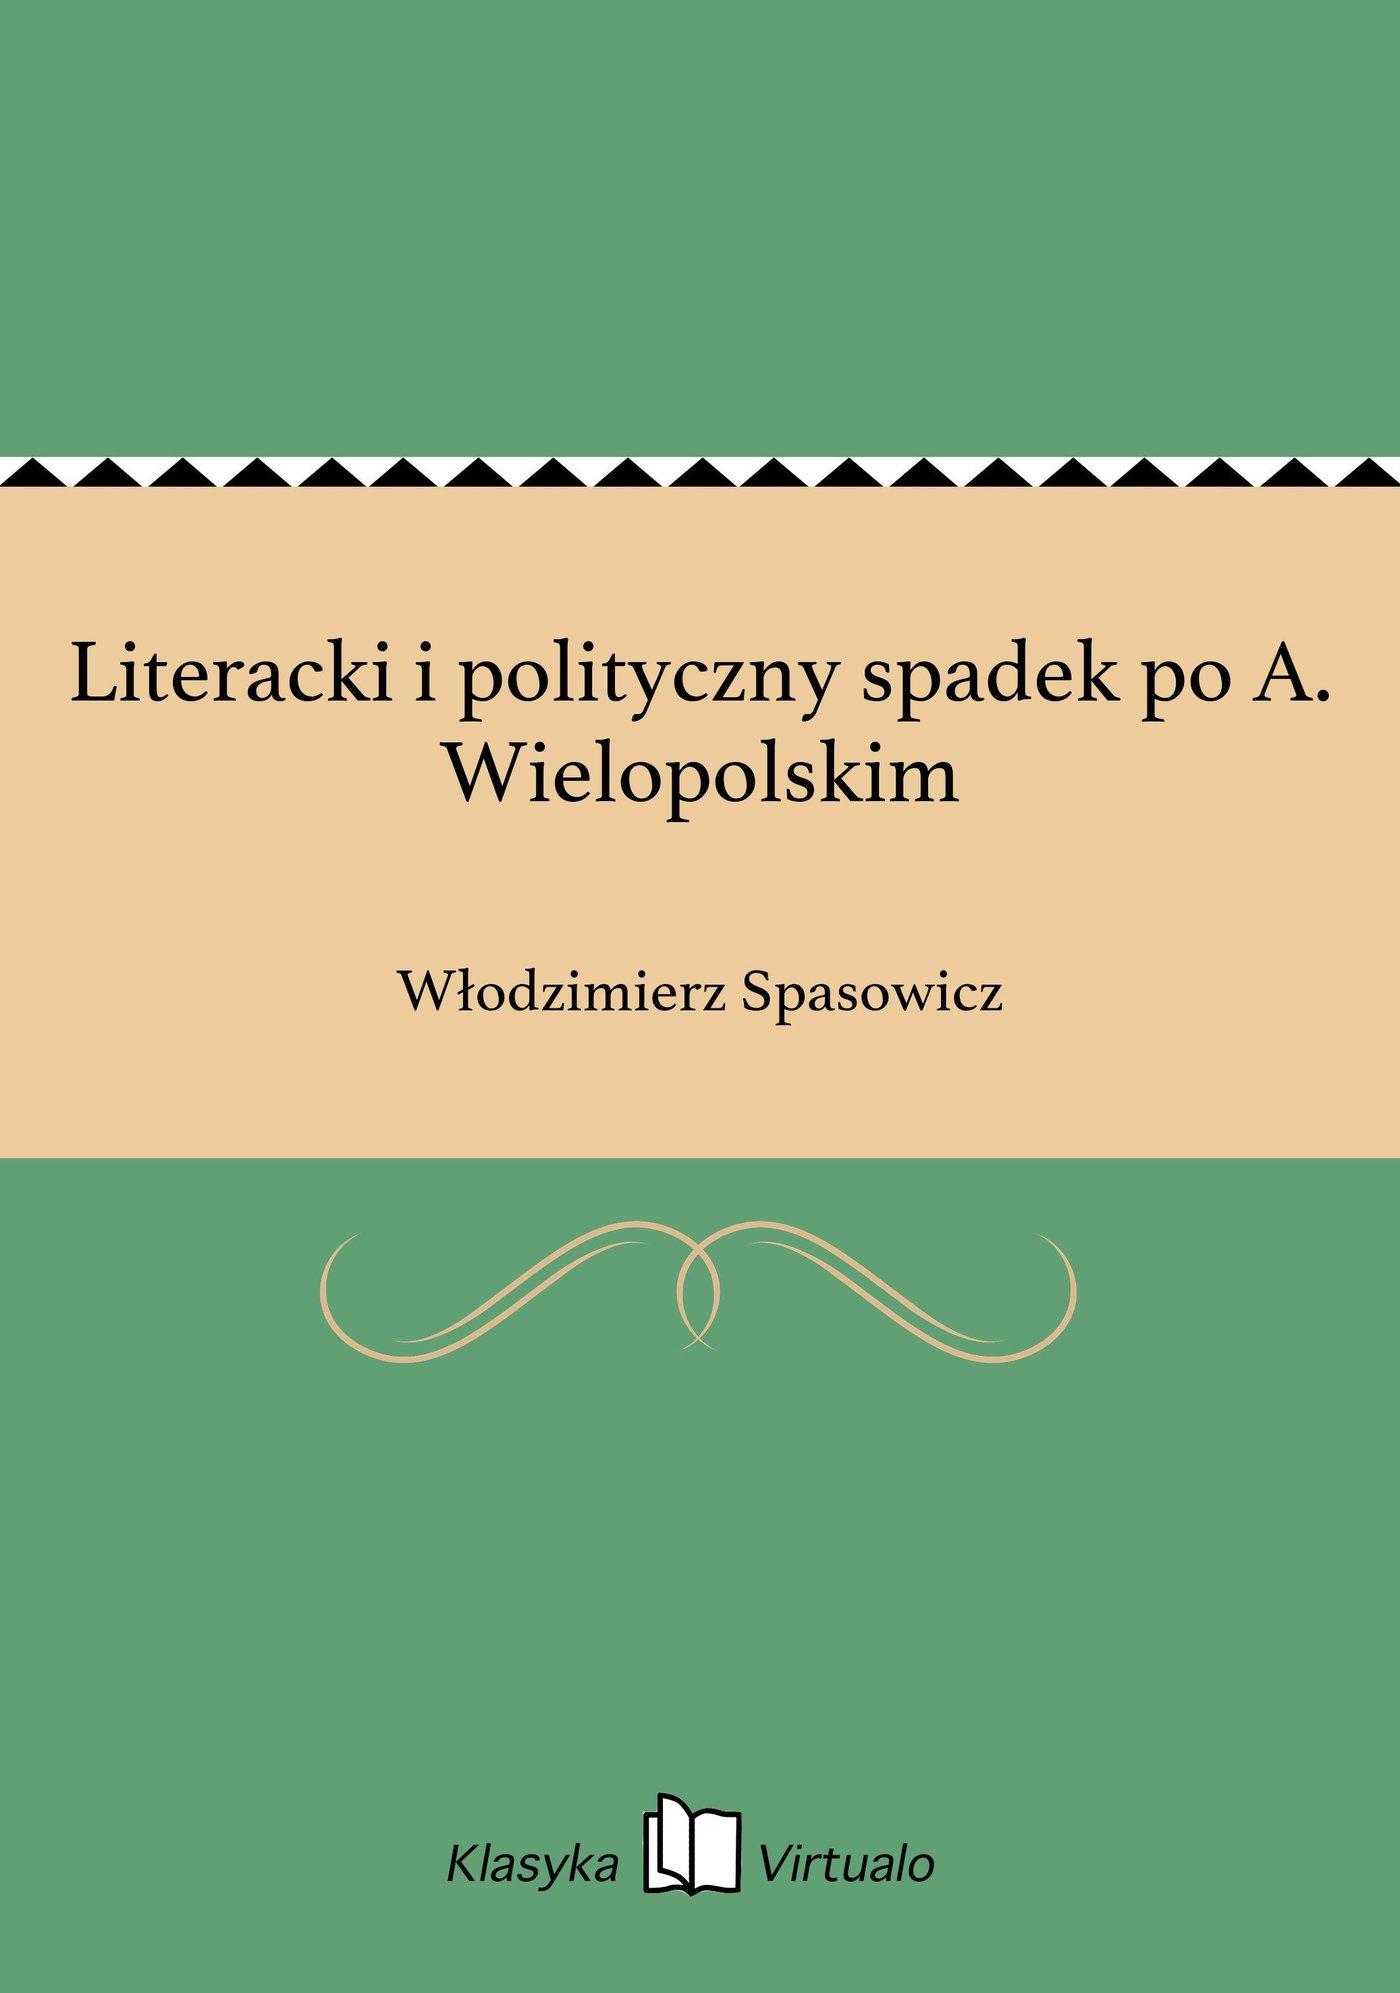 Literacki i polityczny spadek po A. Wielopolskim - Ebook (Książka EPUB) do pobrania w formacie EPUB